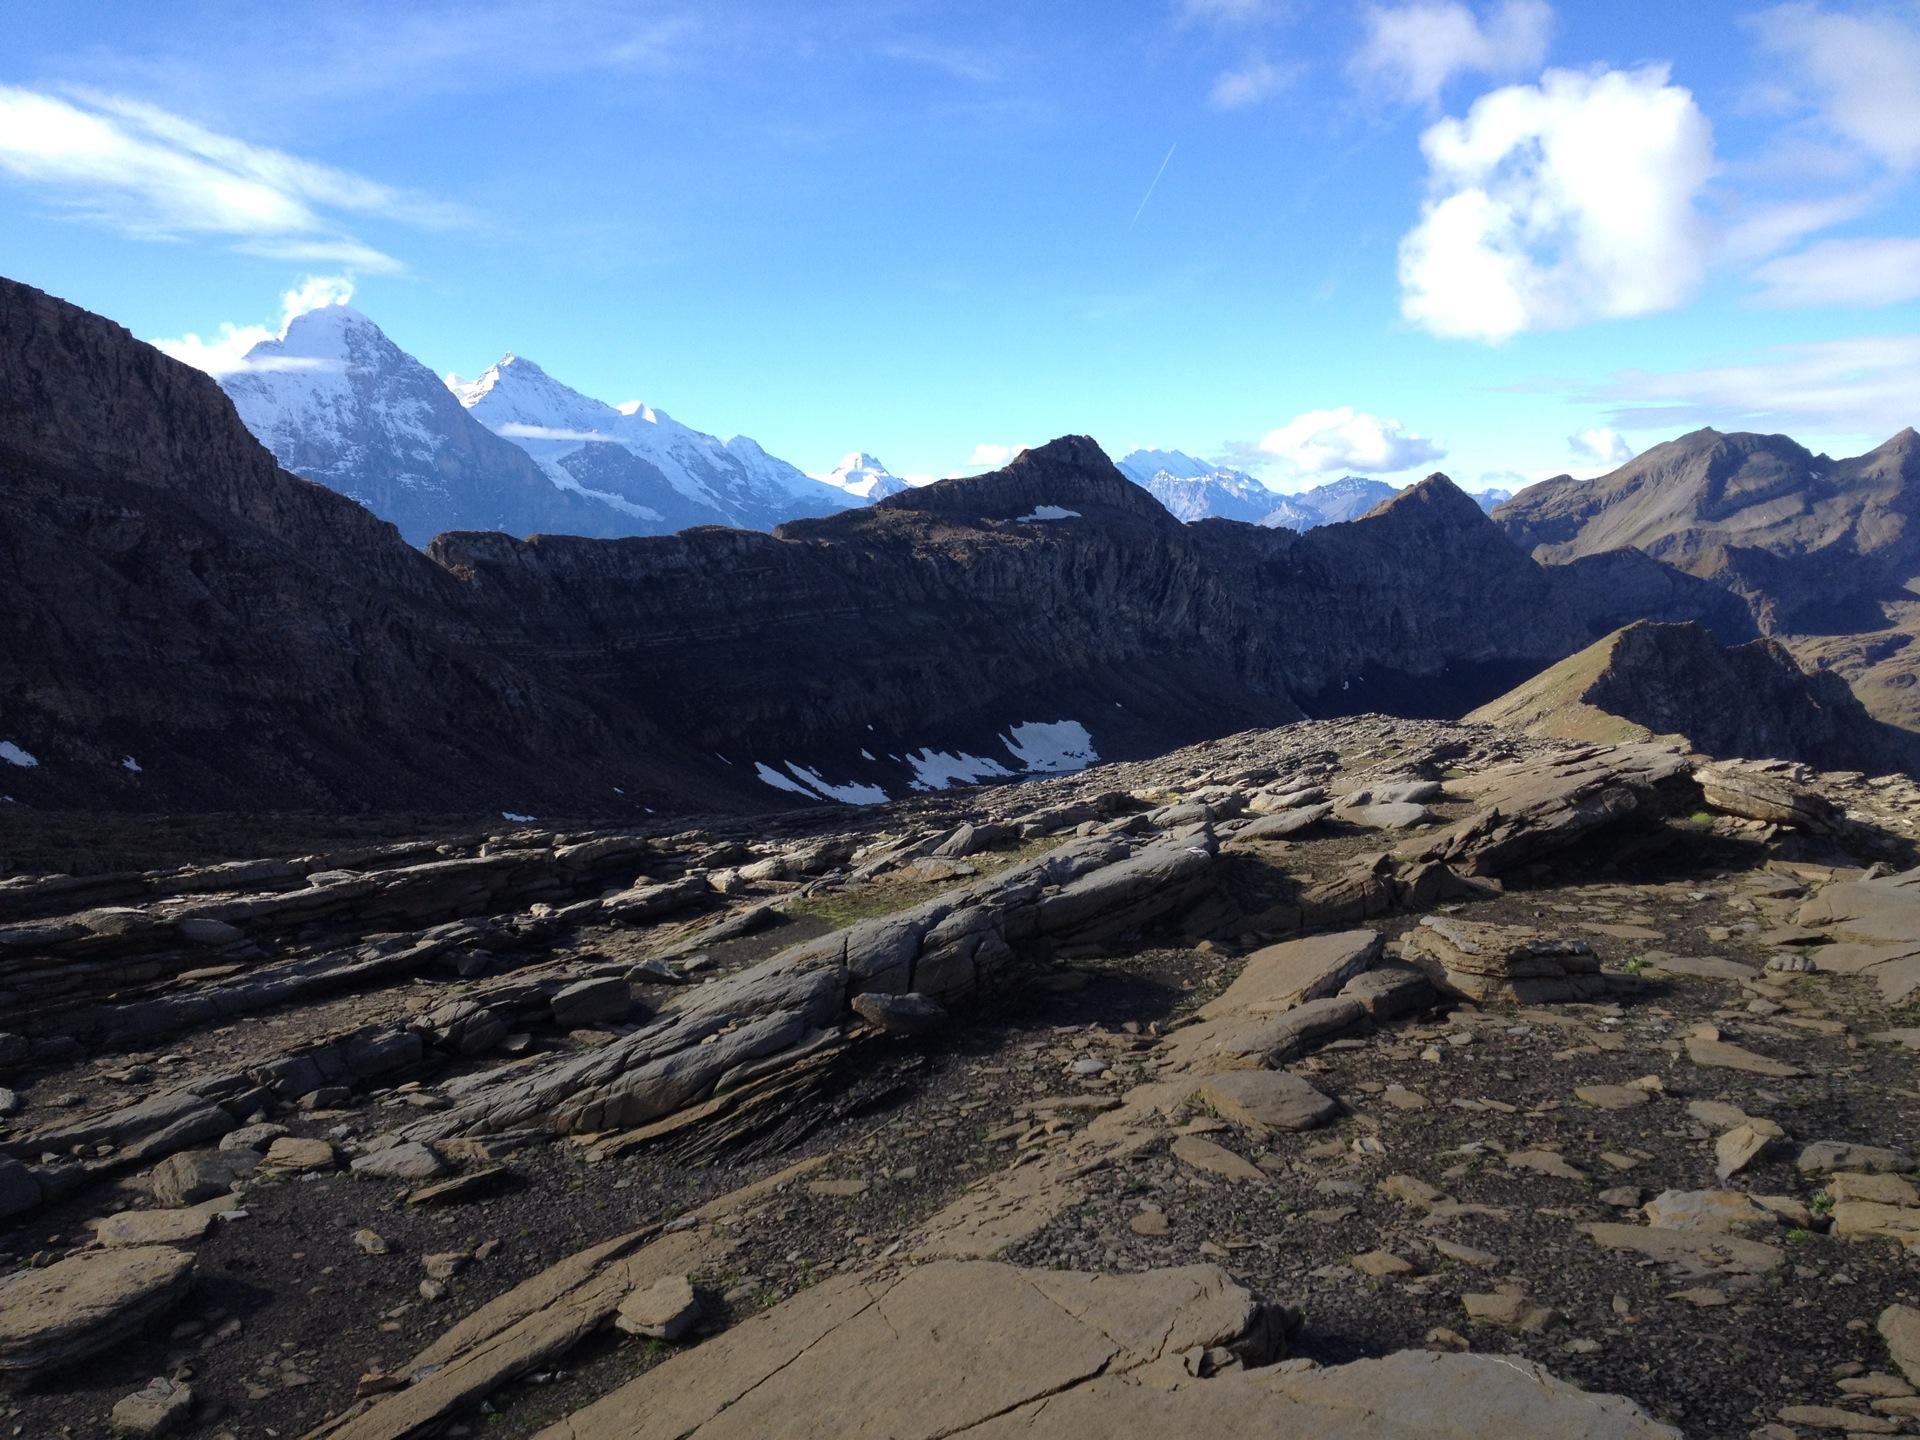 Ab 2500 m ü M. wartet eine steinige Landschaft